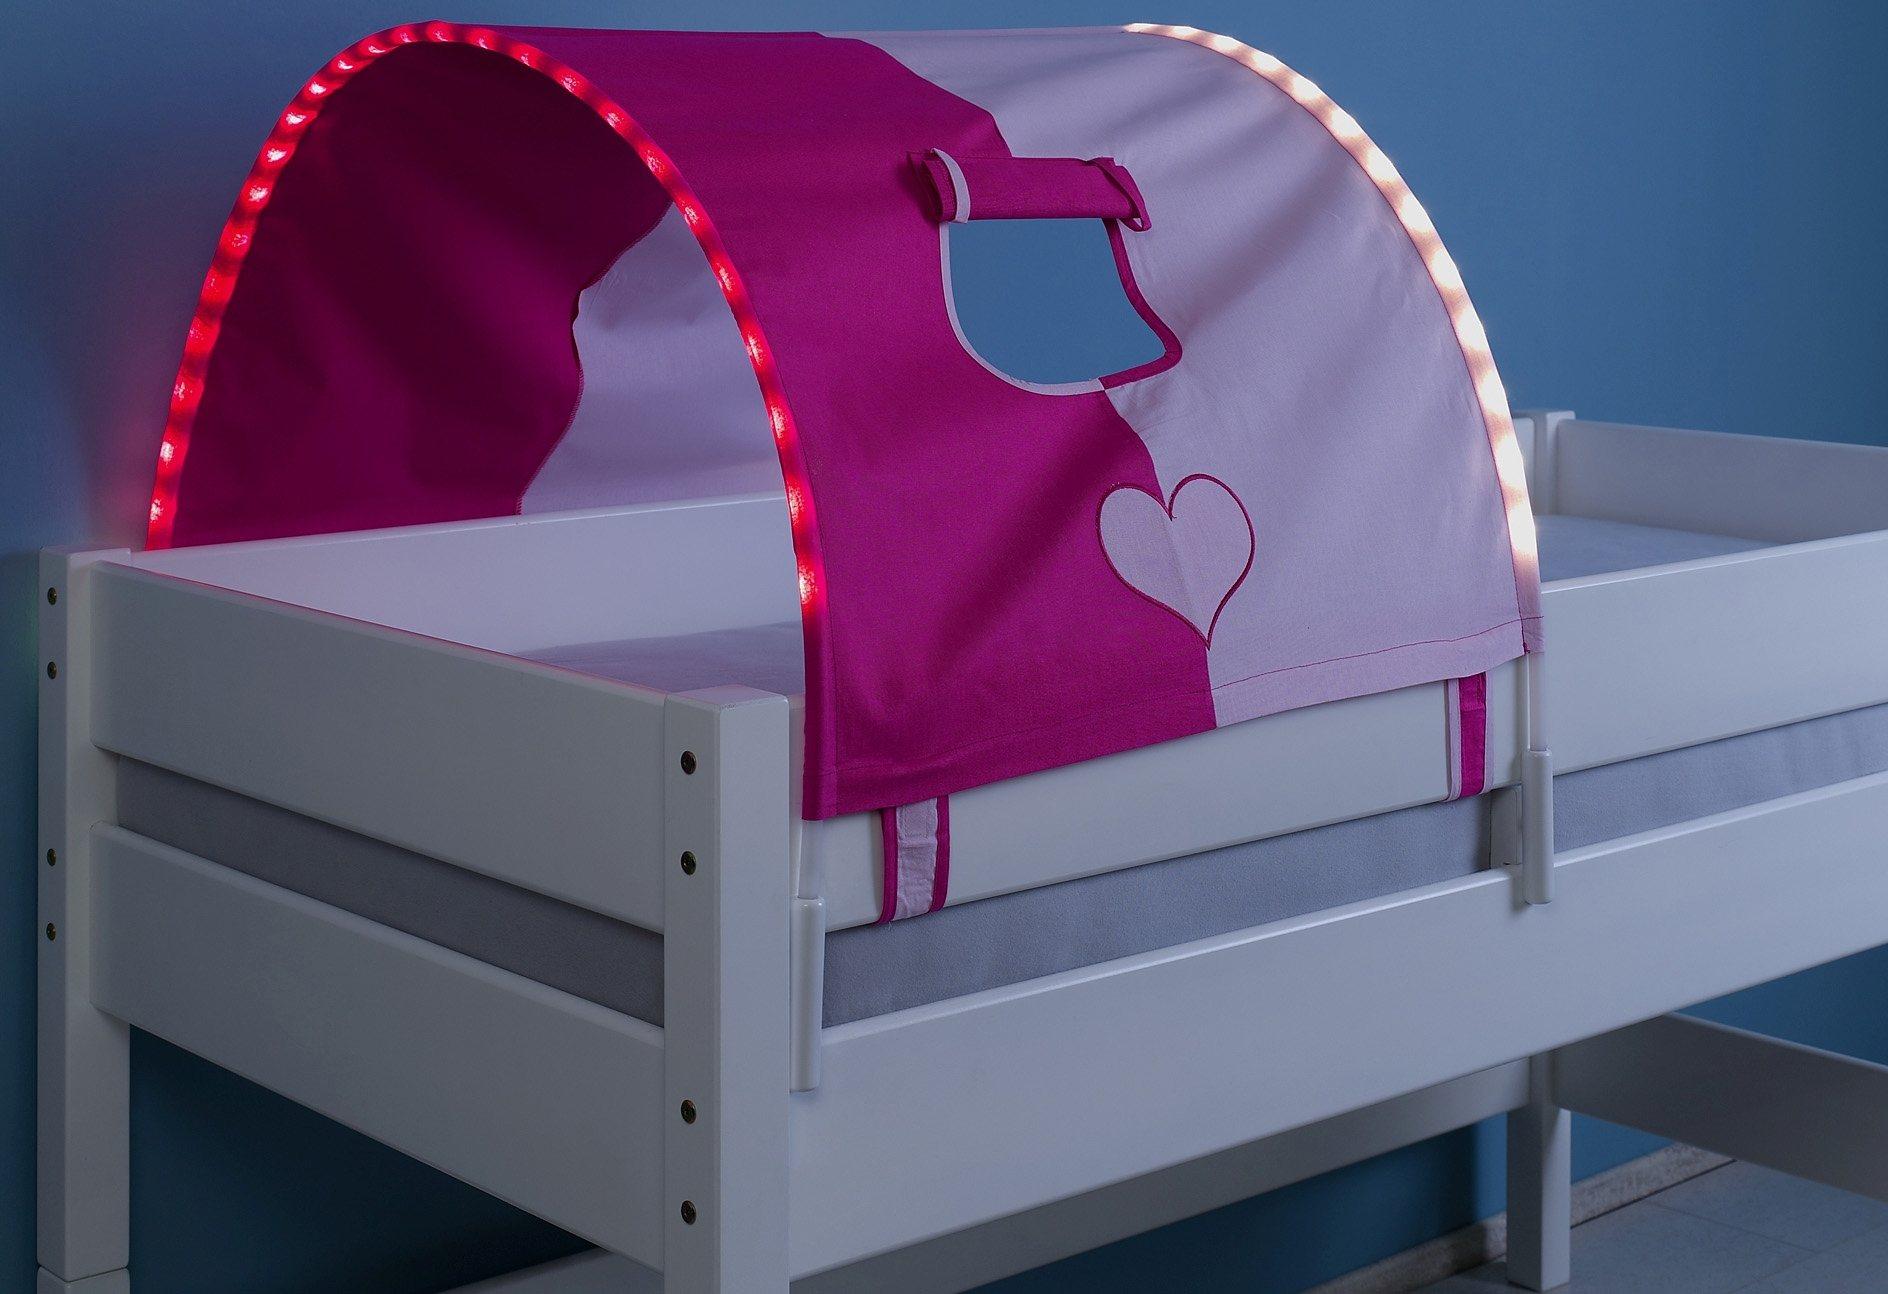 Relita LED-Tunnel | Kinderzimmer > Kinderbetten > Baldachine & Tunnels | Stoff - Baumwolle | Relita